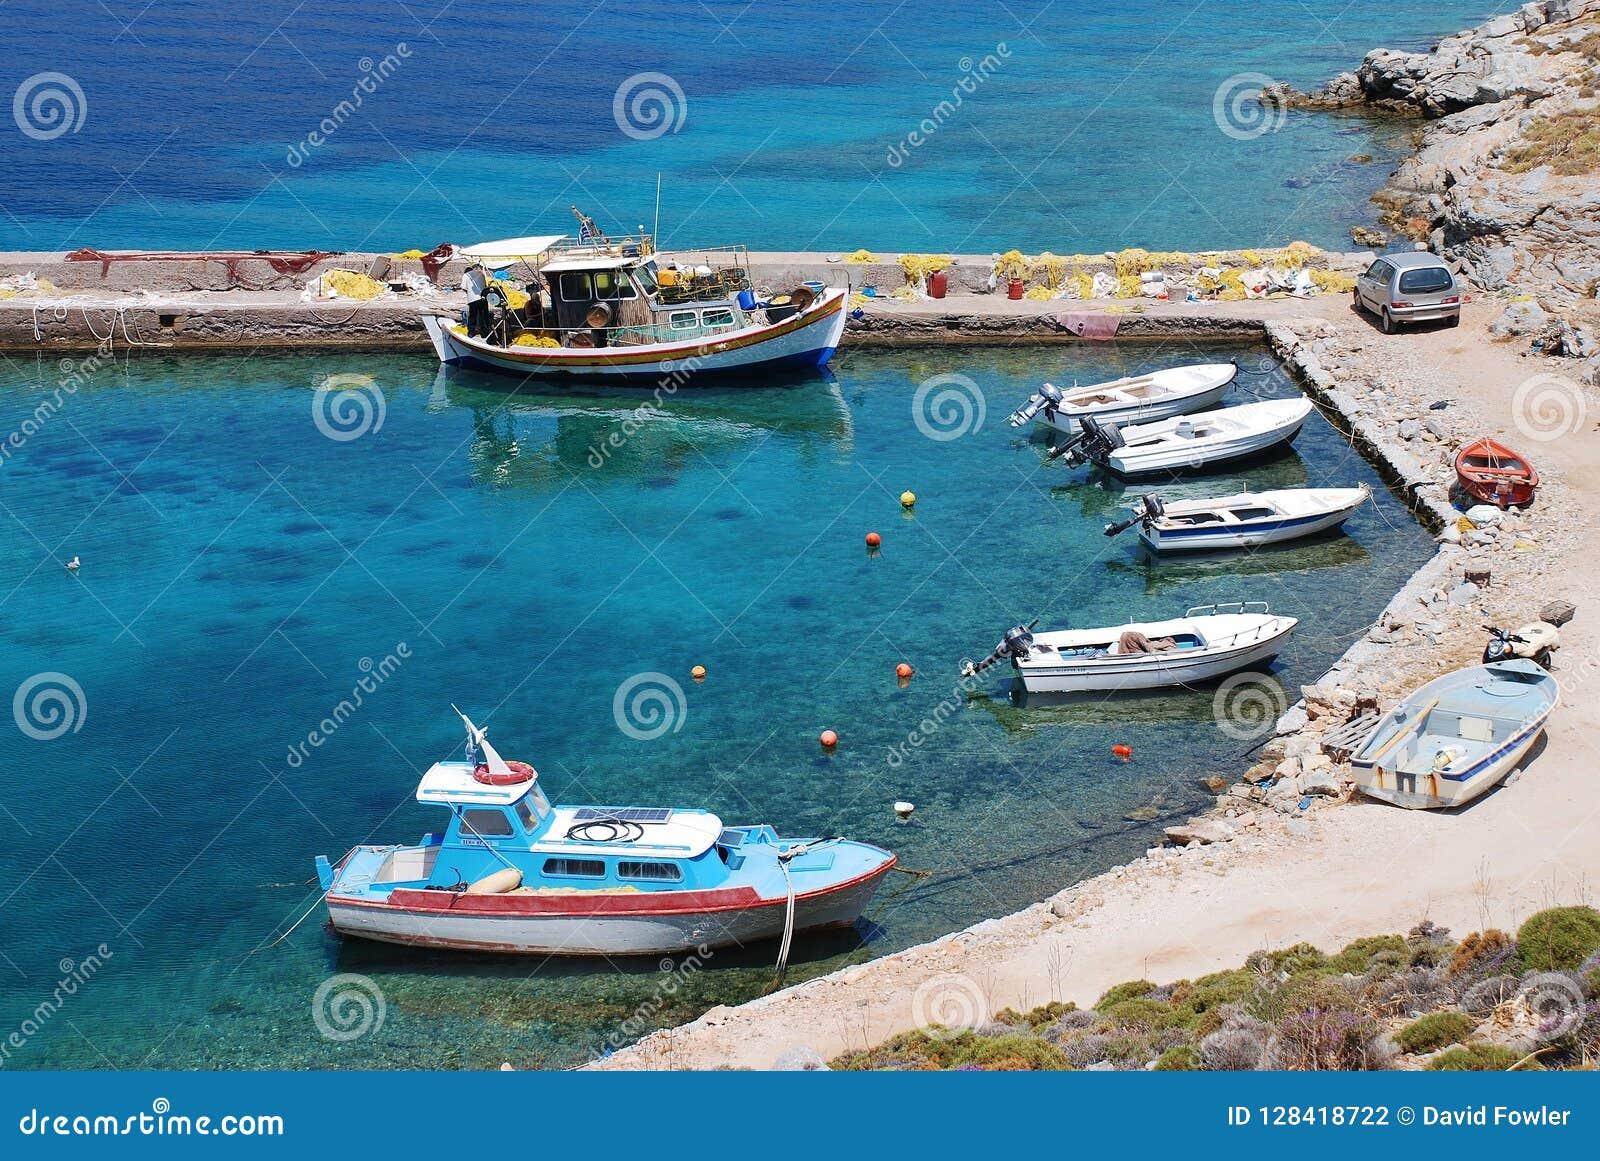 Livadia harbour, Tilos